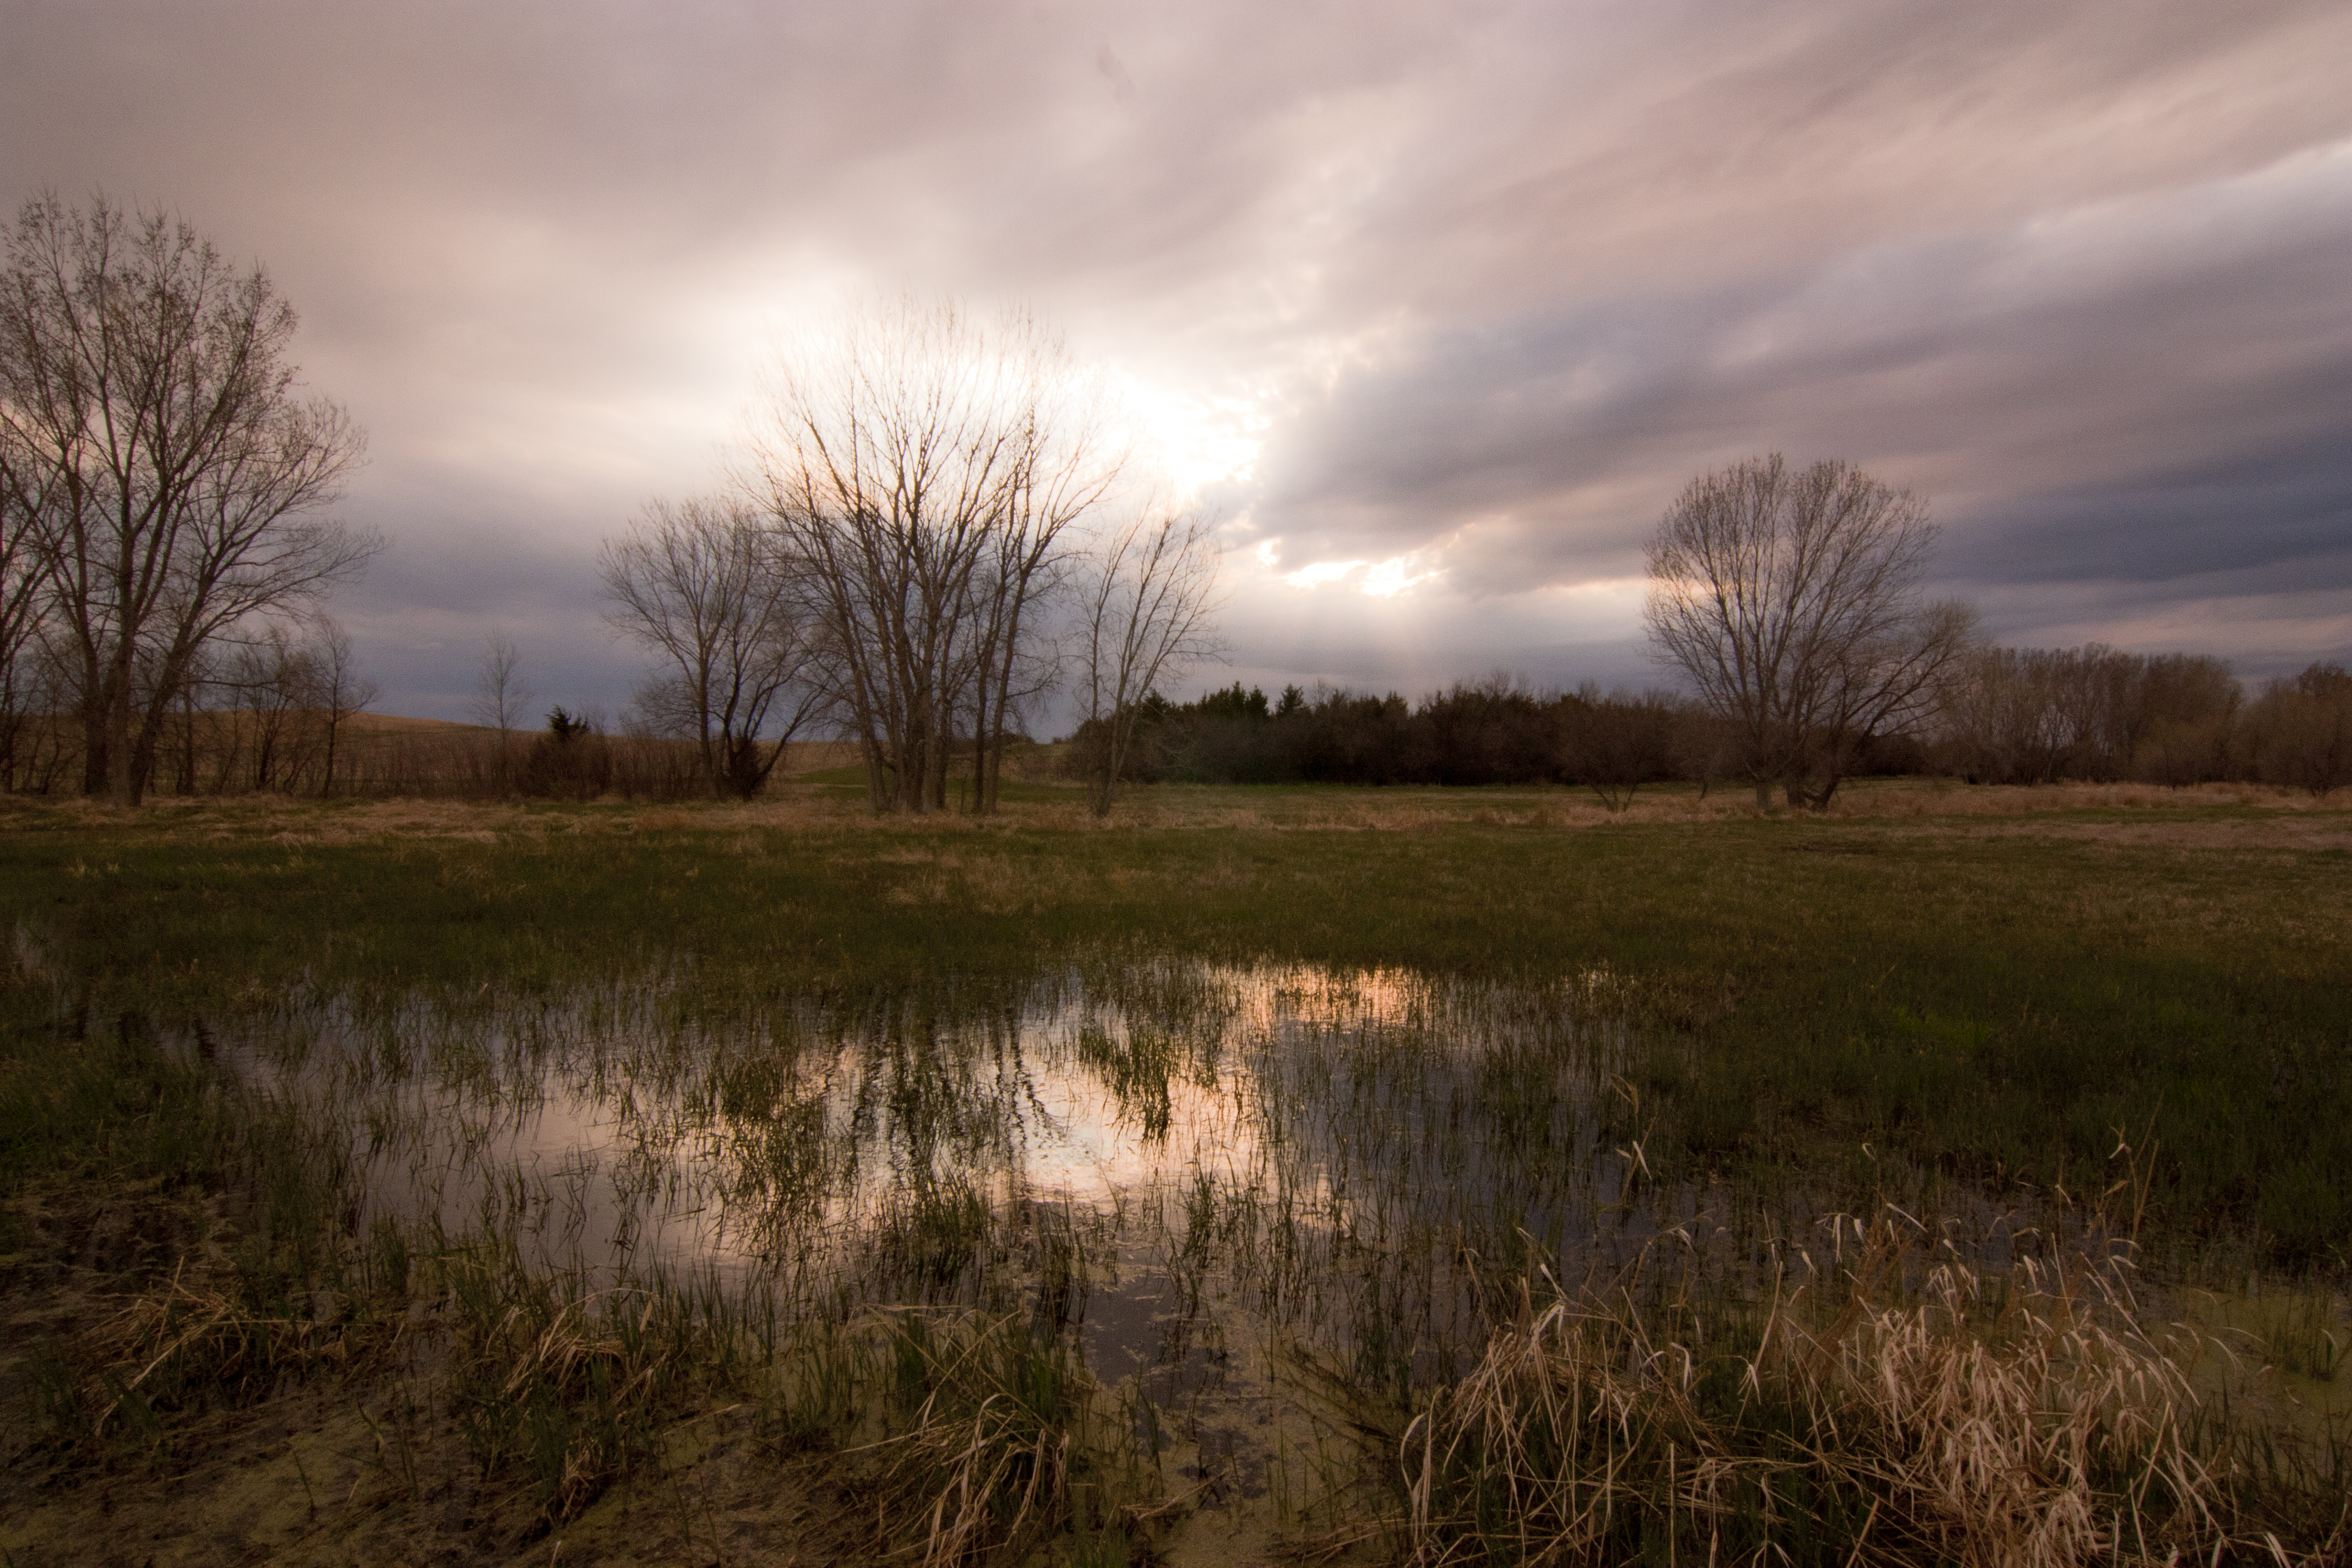 Pheasant habitat at Stukel's